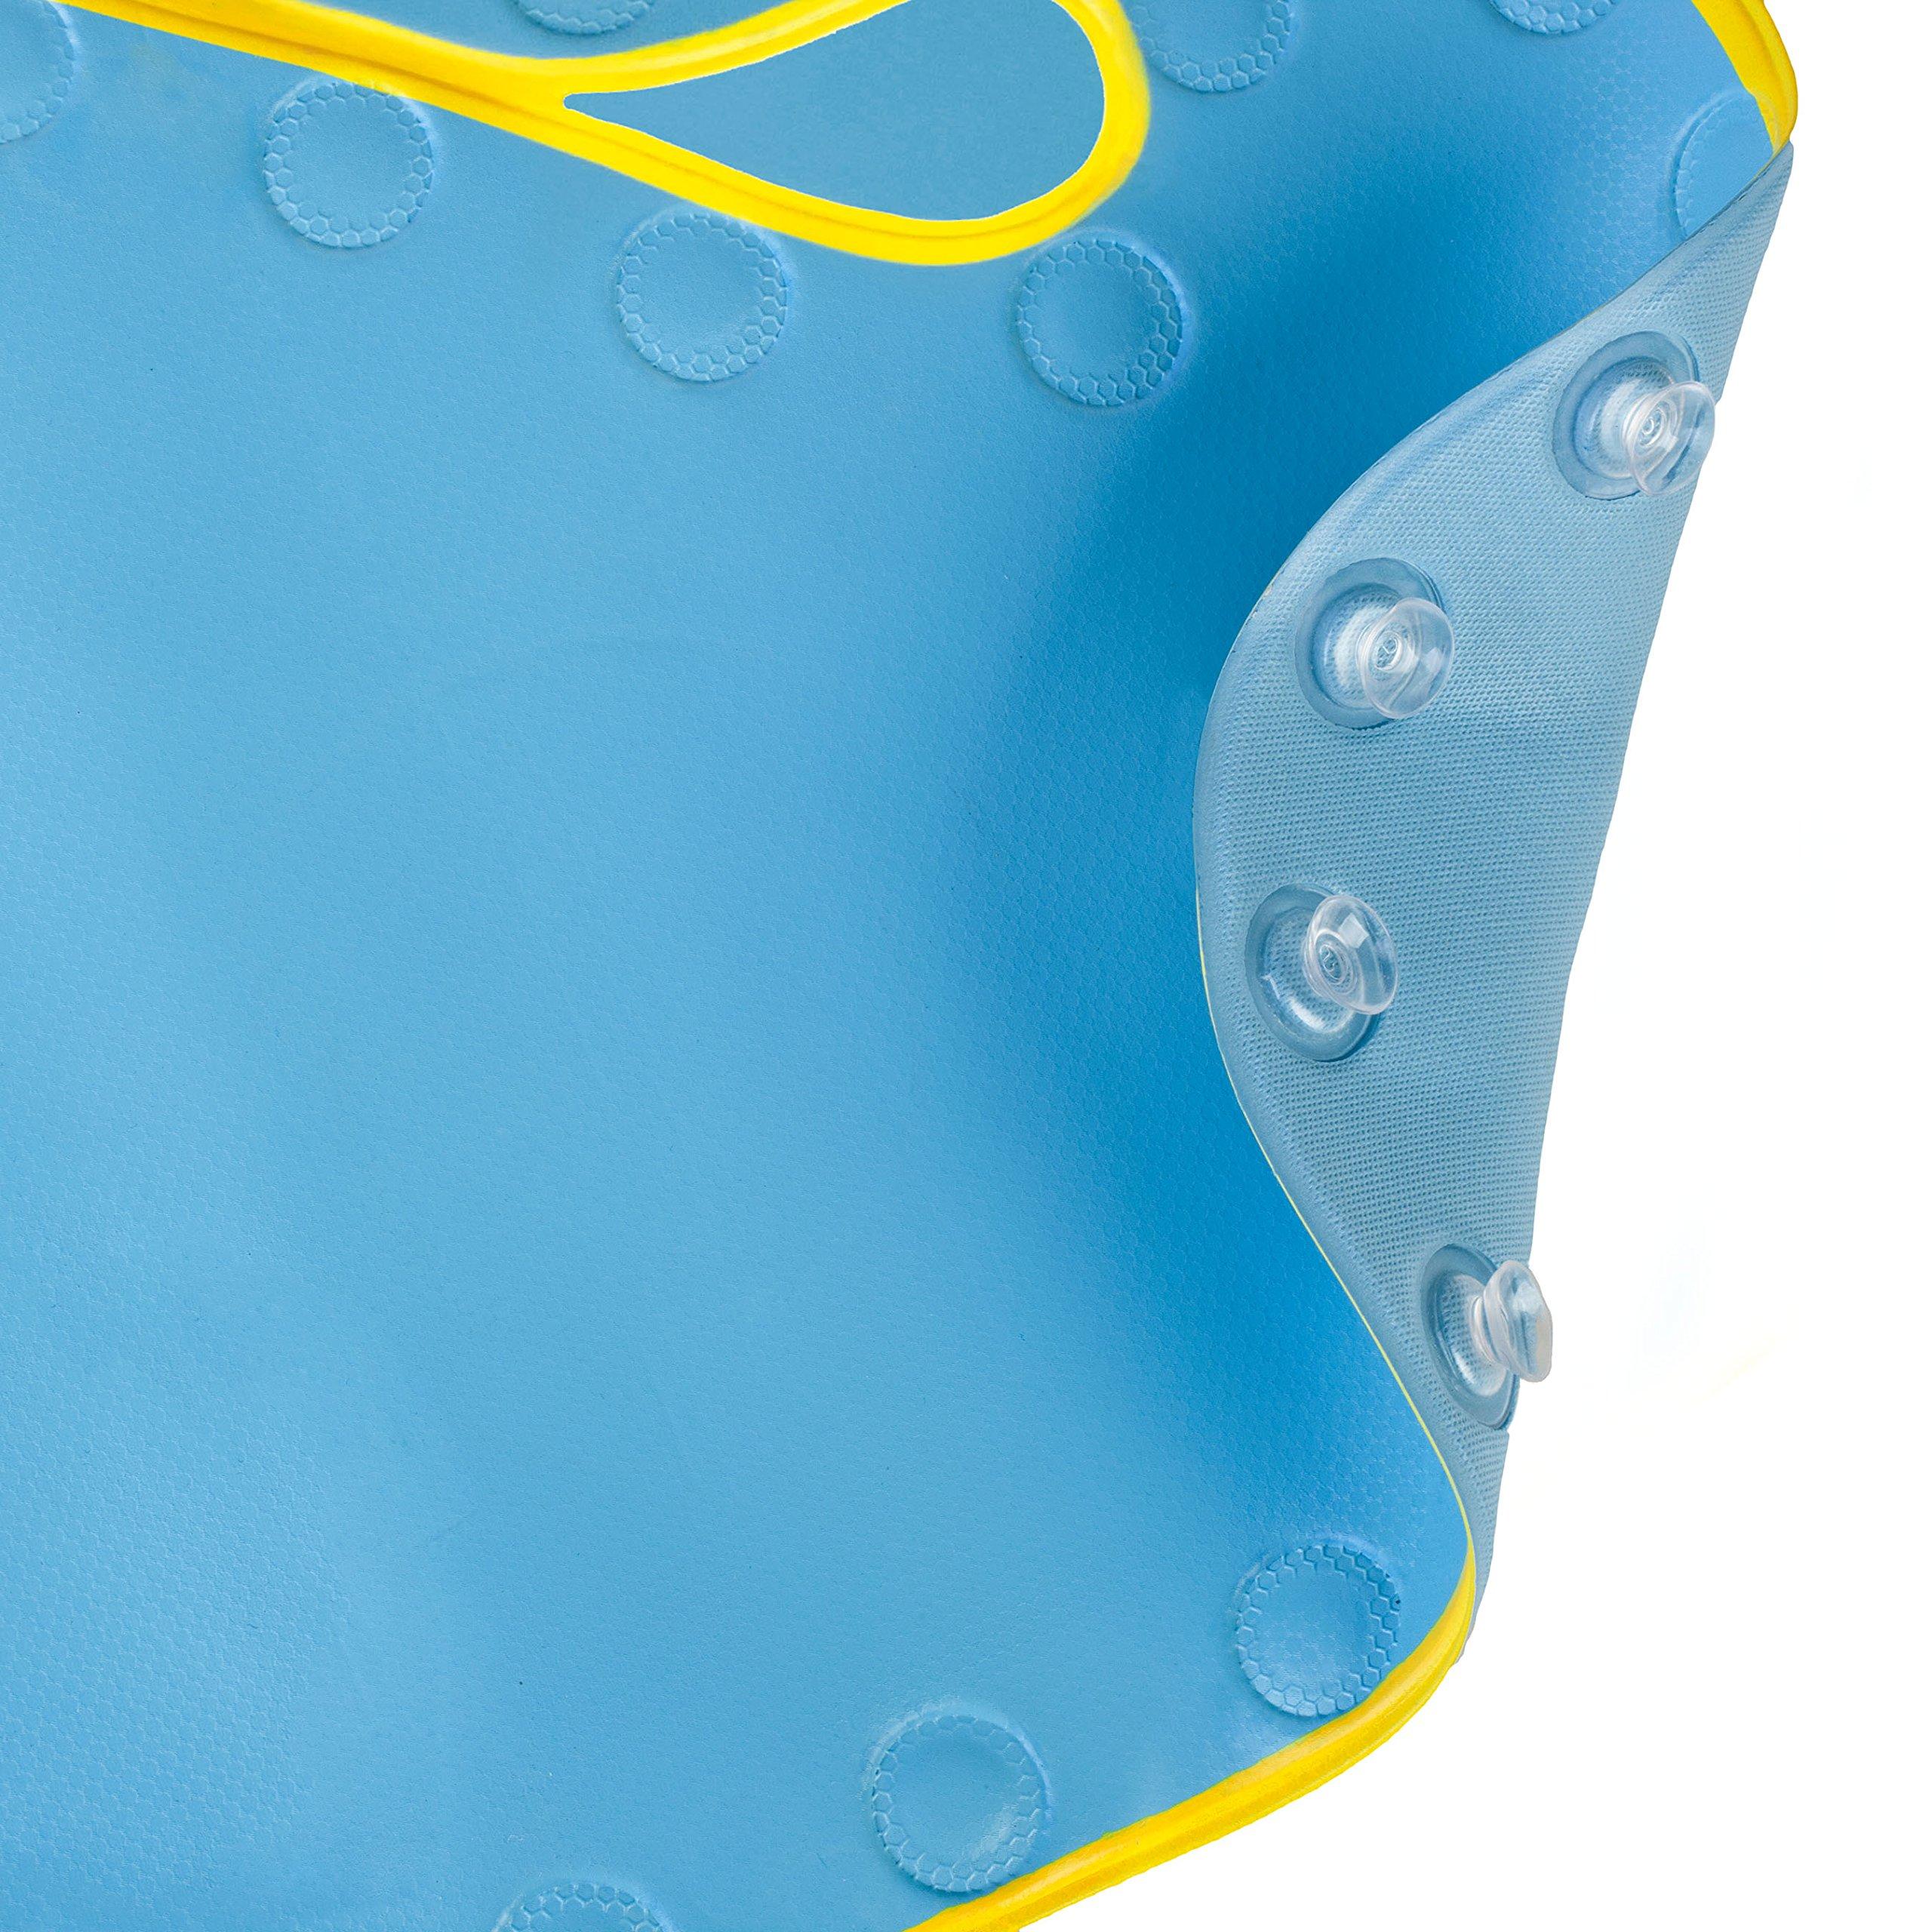 Skip Hop Moby Baby Bath Set, Four Bathtime Essentials - Spout Cover, Bath Kneeler, Elbow Pad, And Bath Mat, Blue by Skip Hop (Image #10)